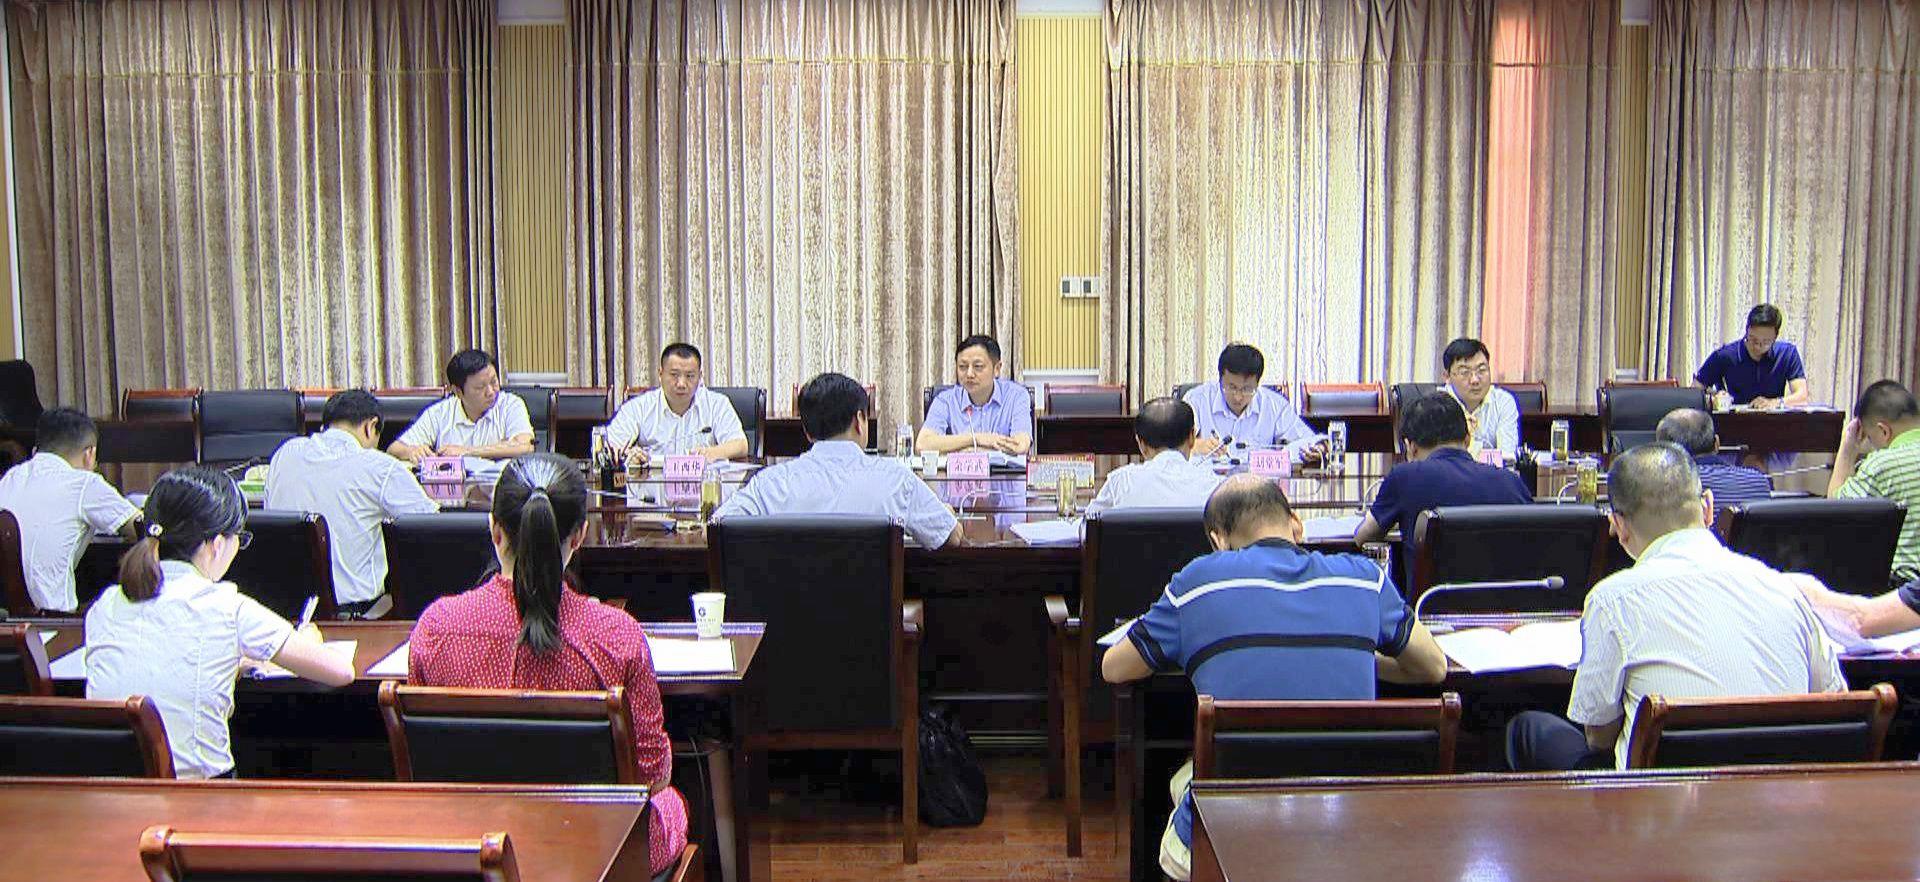 余学武主持召开中共红安县委审计委员会第一次会议